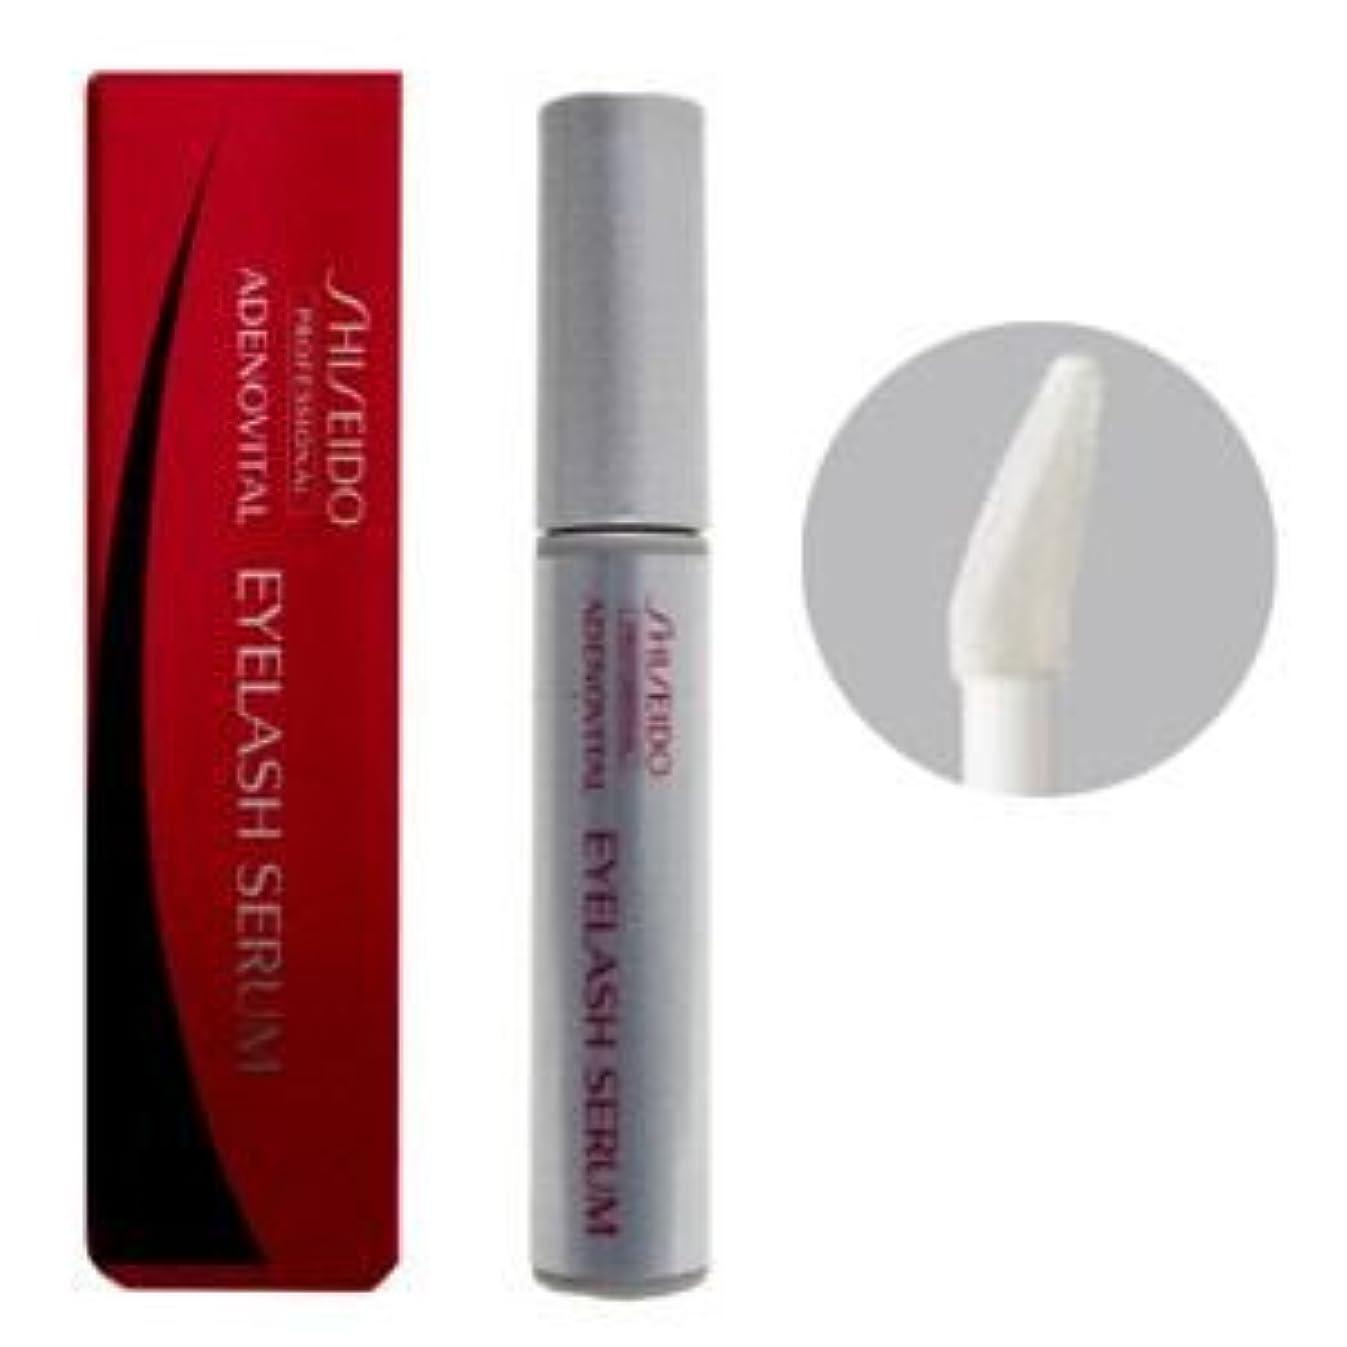 グリースバタフライベルト資生堂 shiseido アデノバイタル まつ毛用美容液 6g